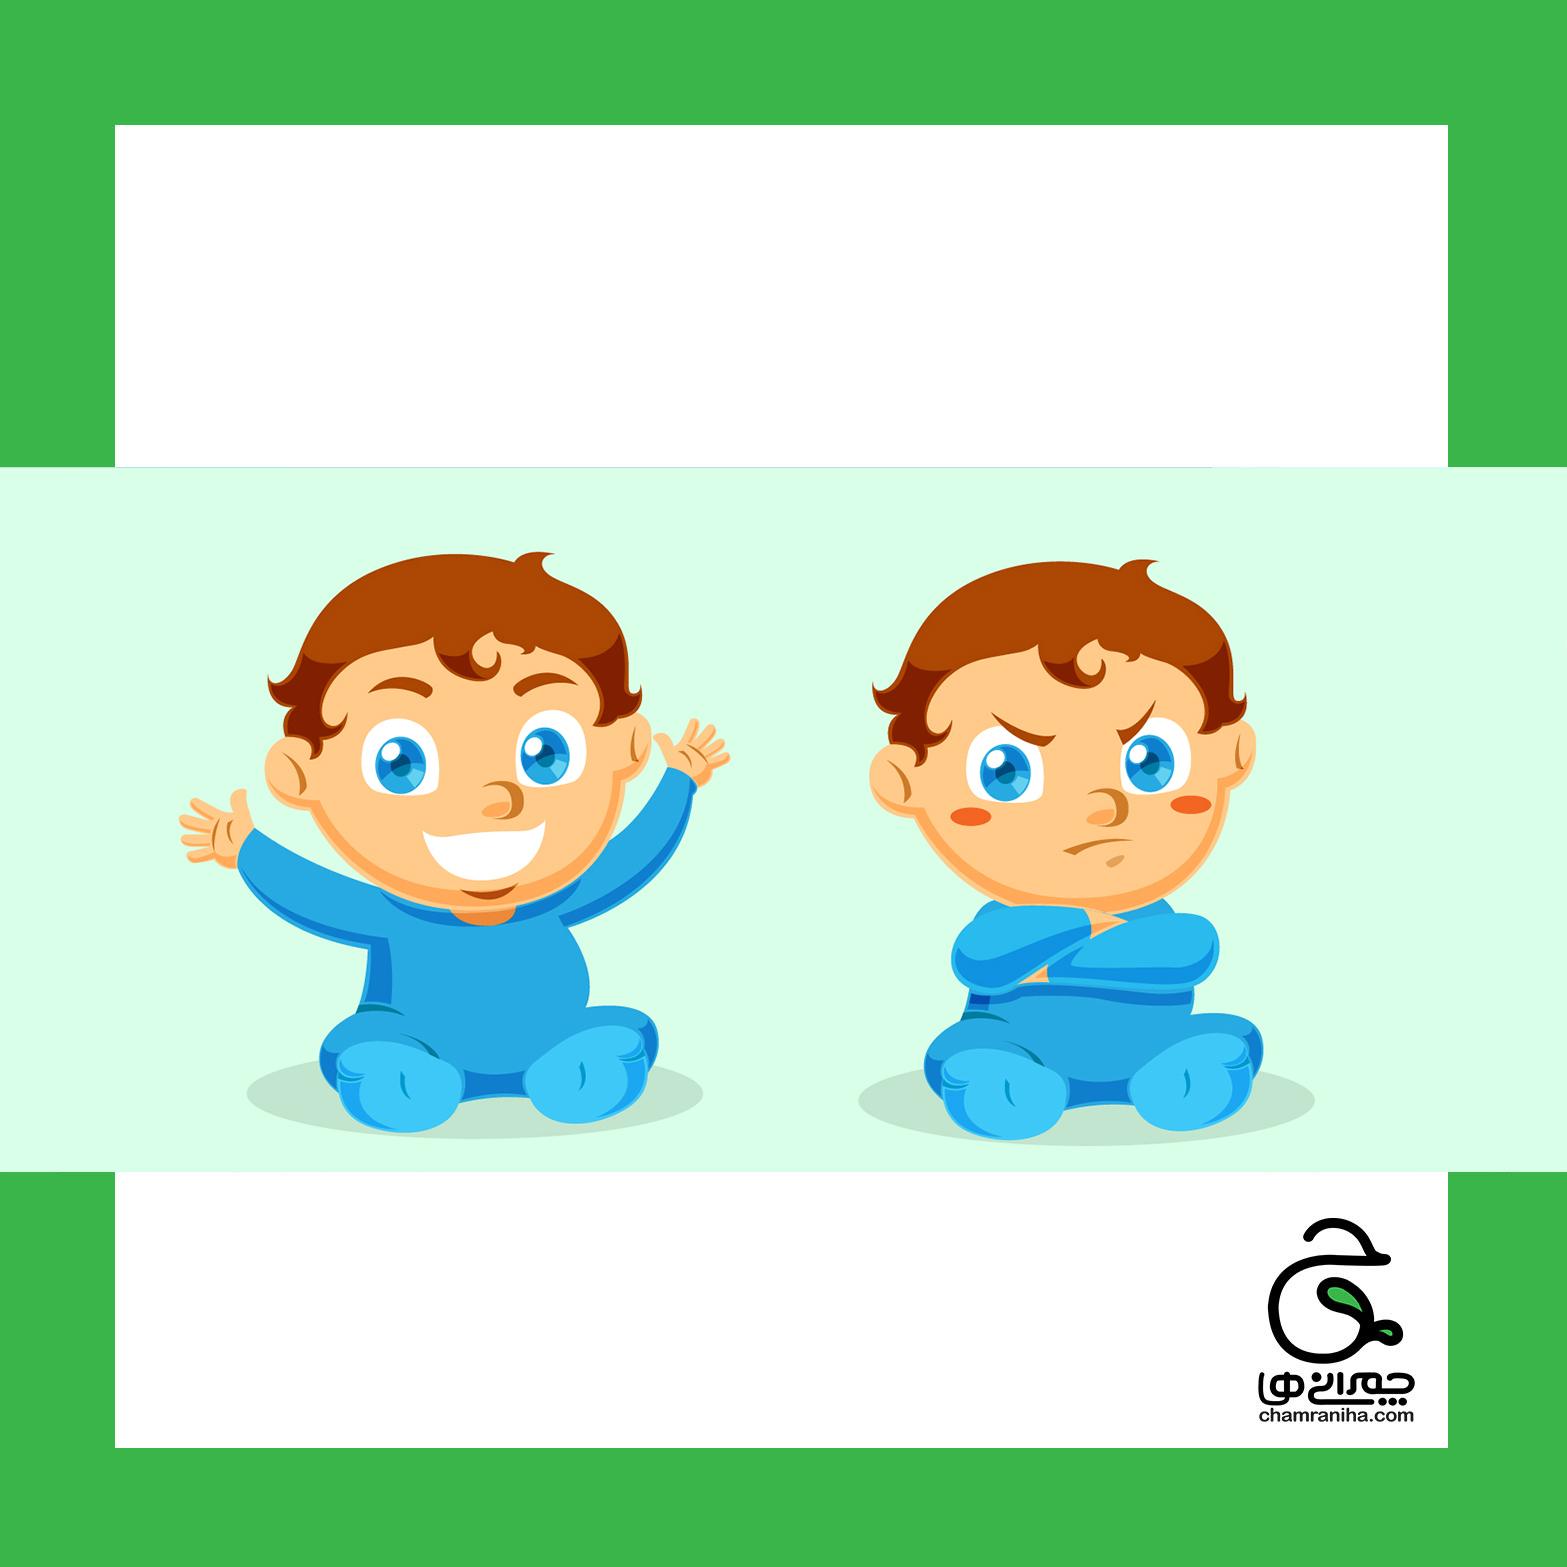 یک کودک دو ساله به اضافه ی جیغ و چنگ و فریاد